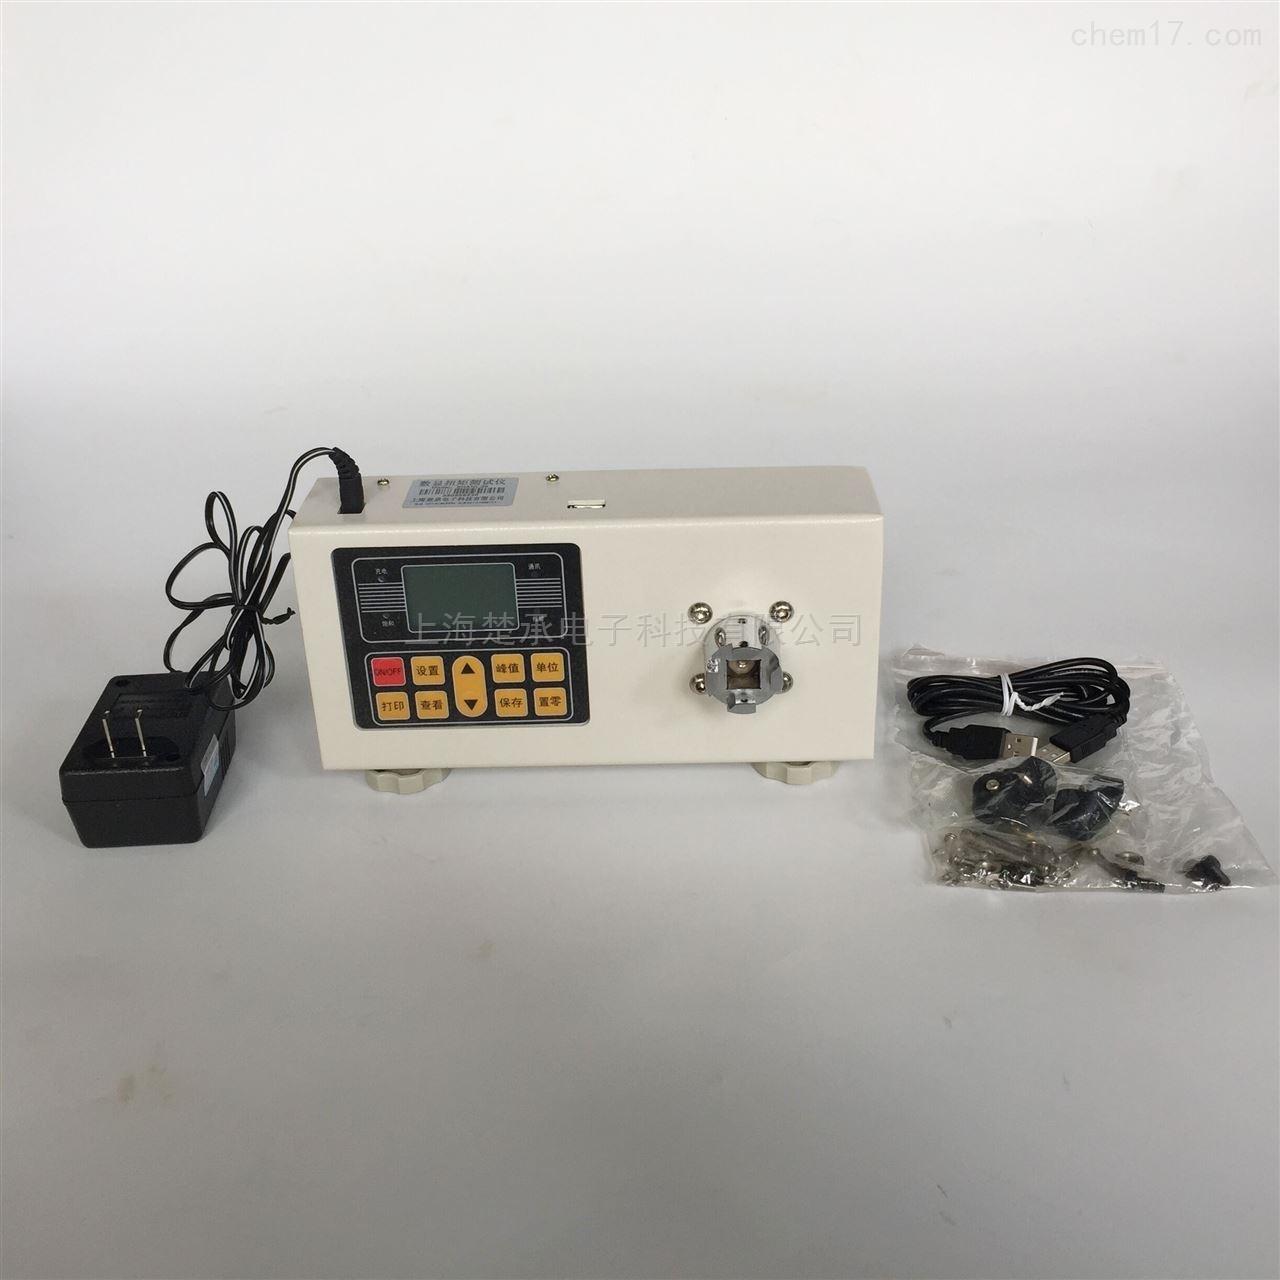 數顯扭矩測試儀帶打印扭力測量儀